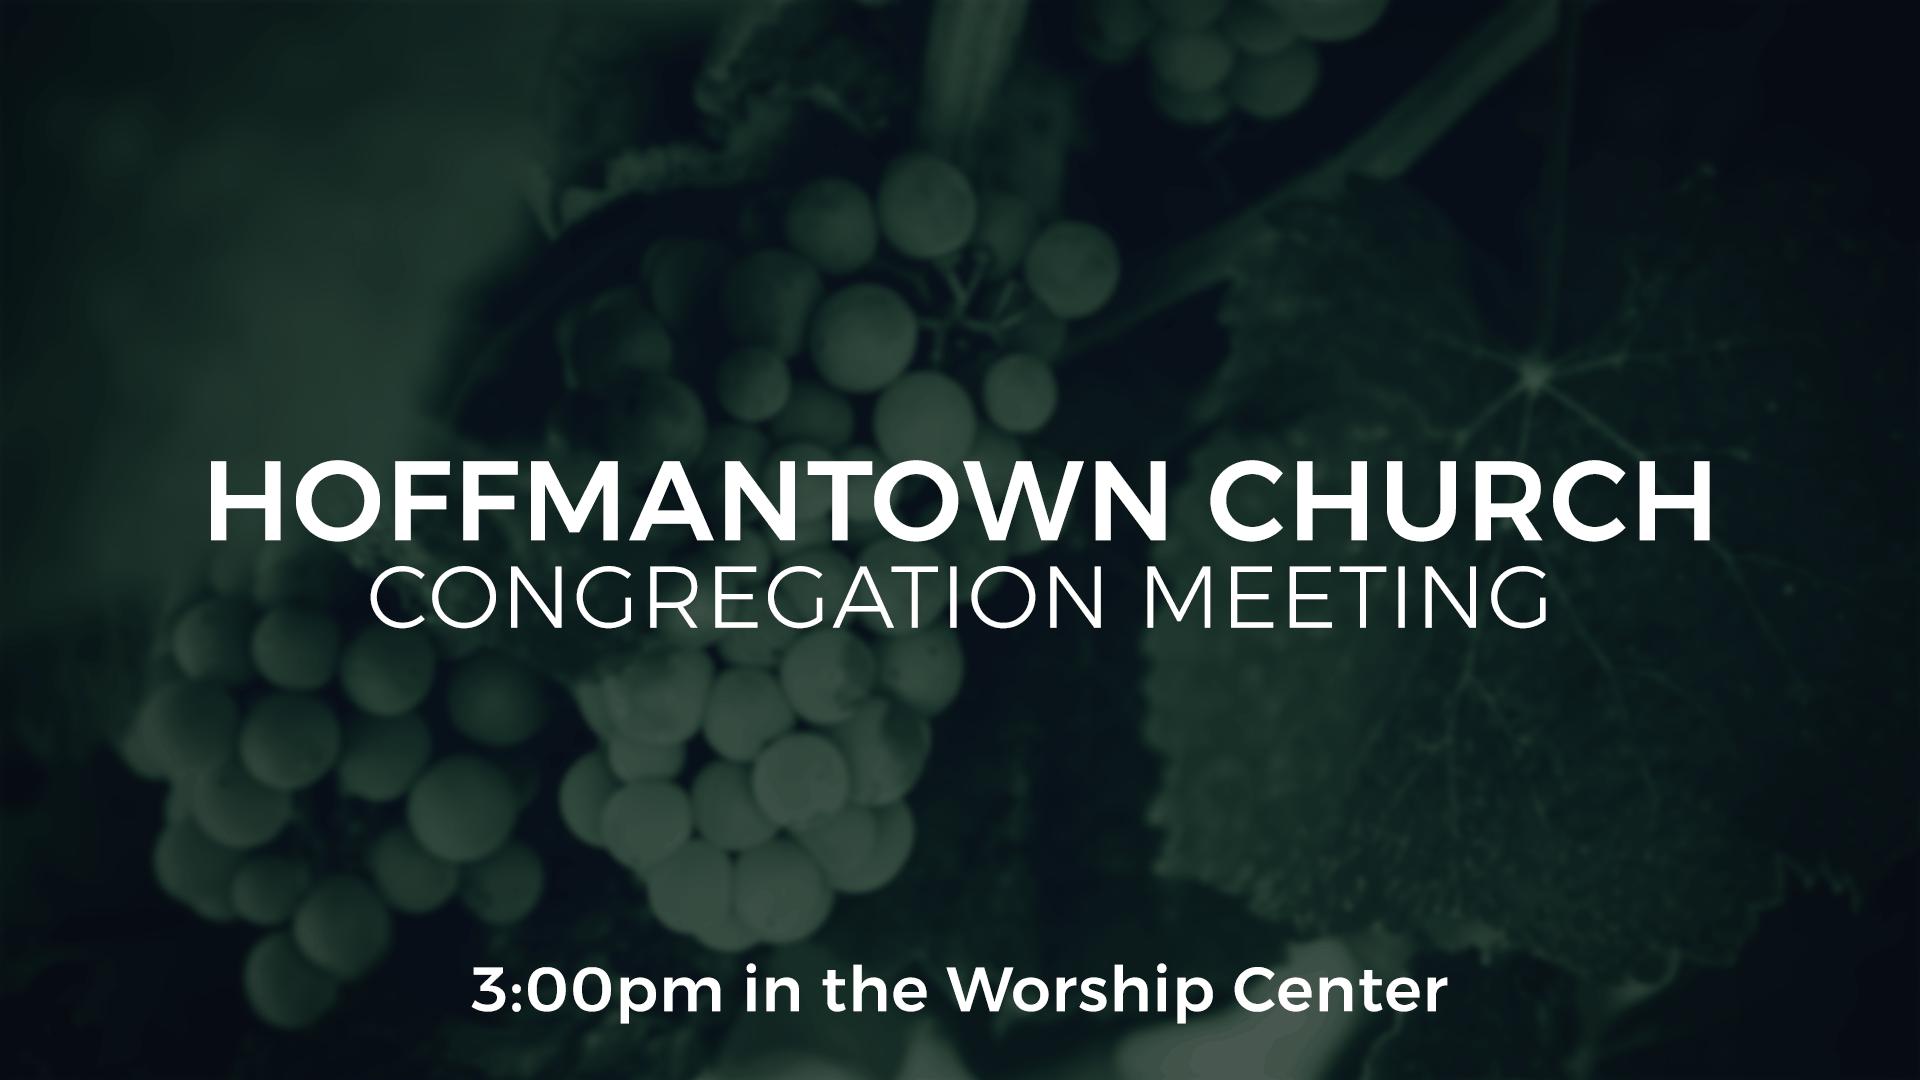 congregationmeeting-3pm